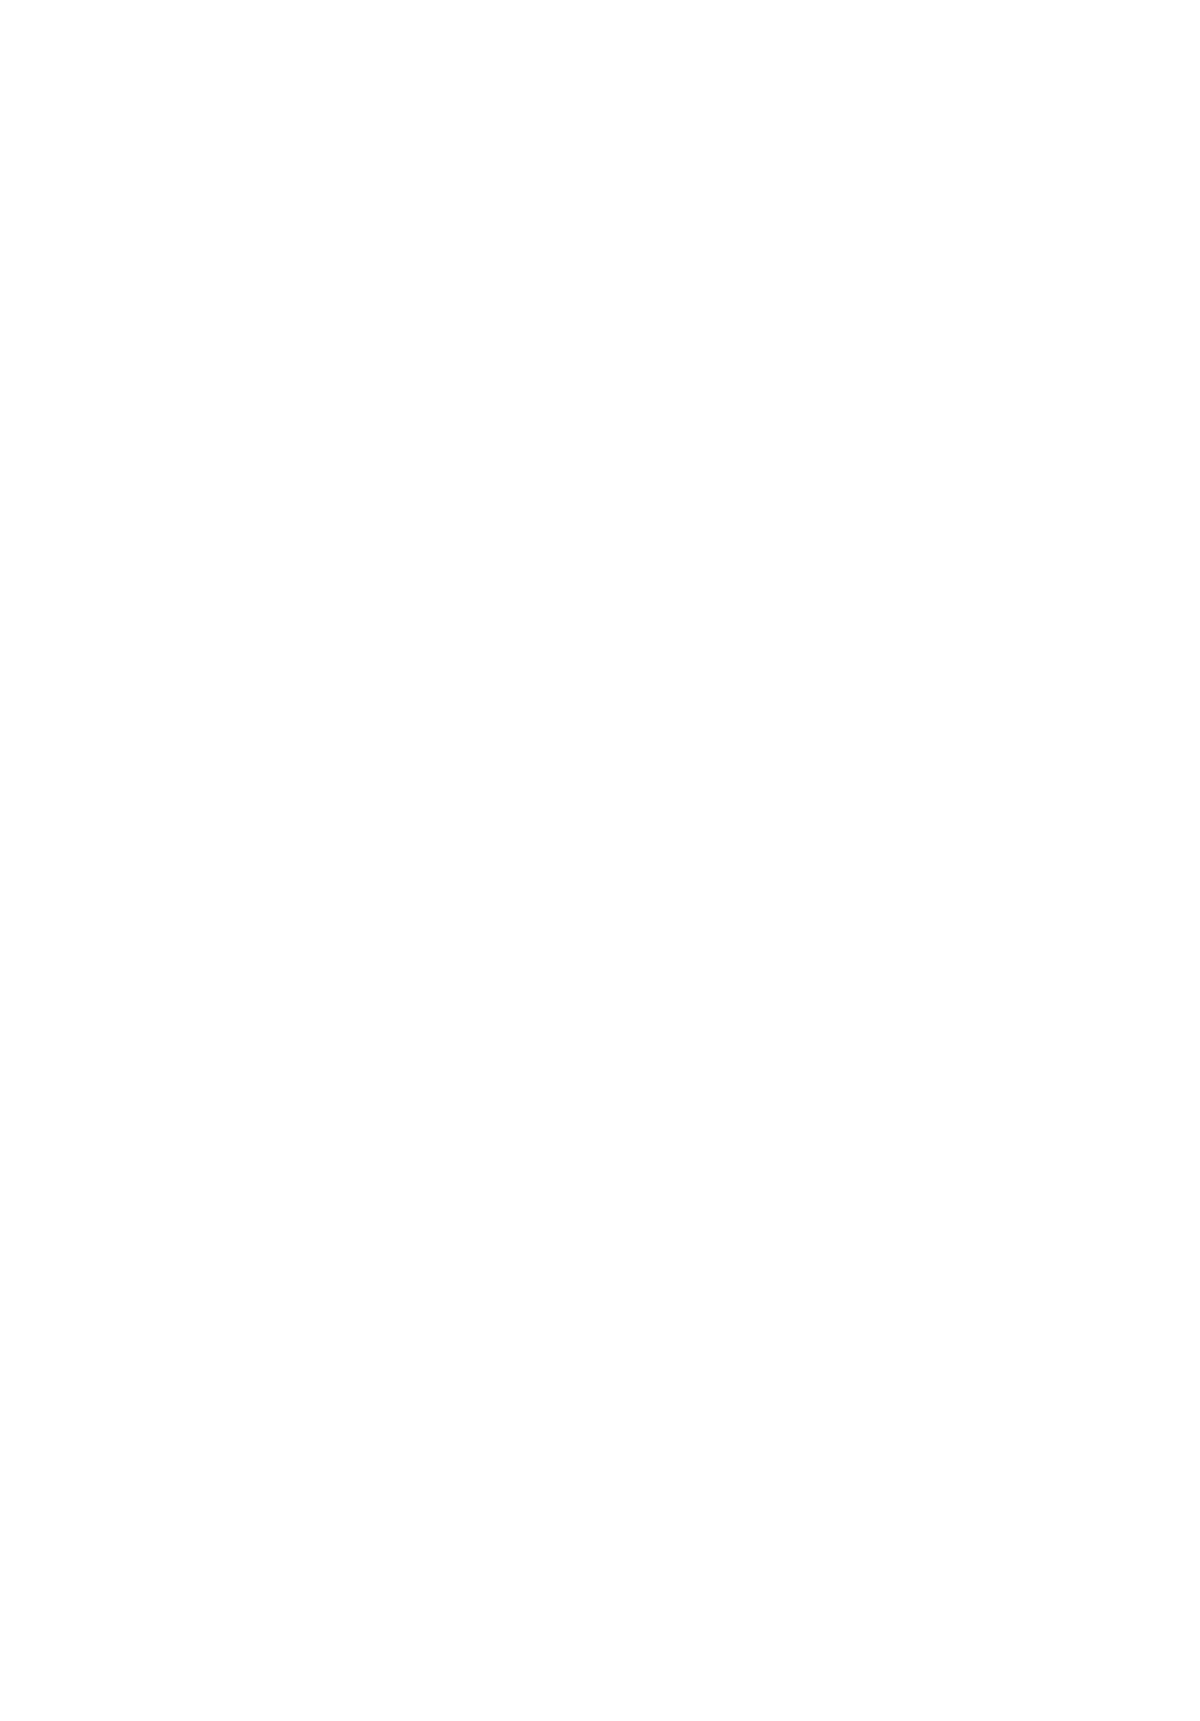 Asuna to Kirito no Icha Love Teki Shinkon Seikatsu 1